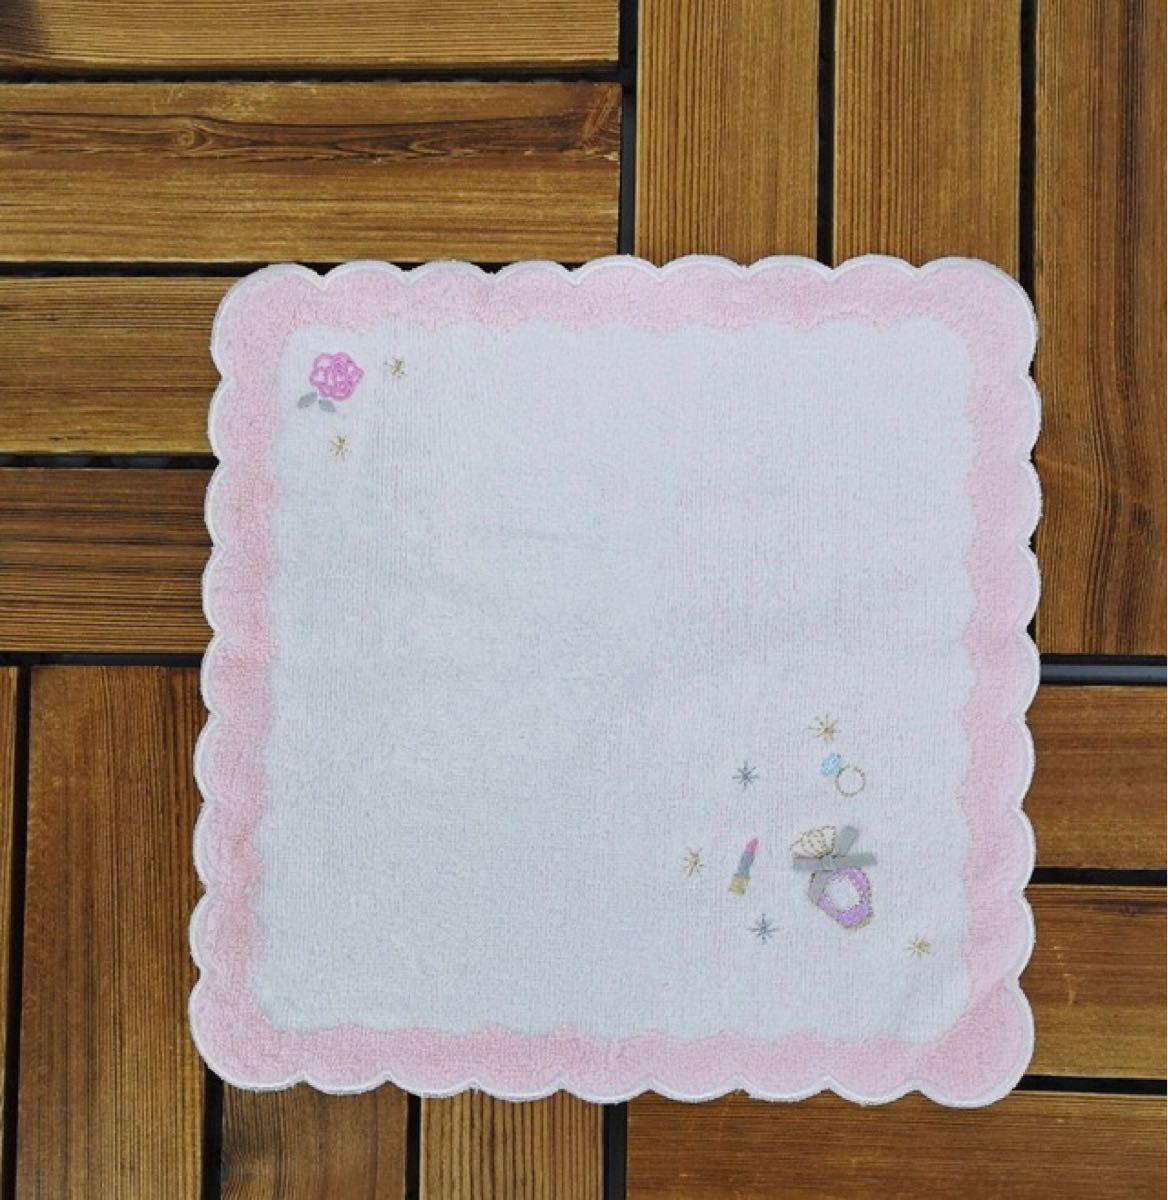 ハンカチ タオルハンカチ 手拭きタオル 2枚セット クーポン消費